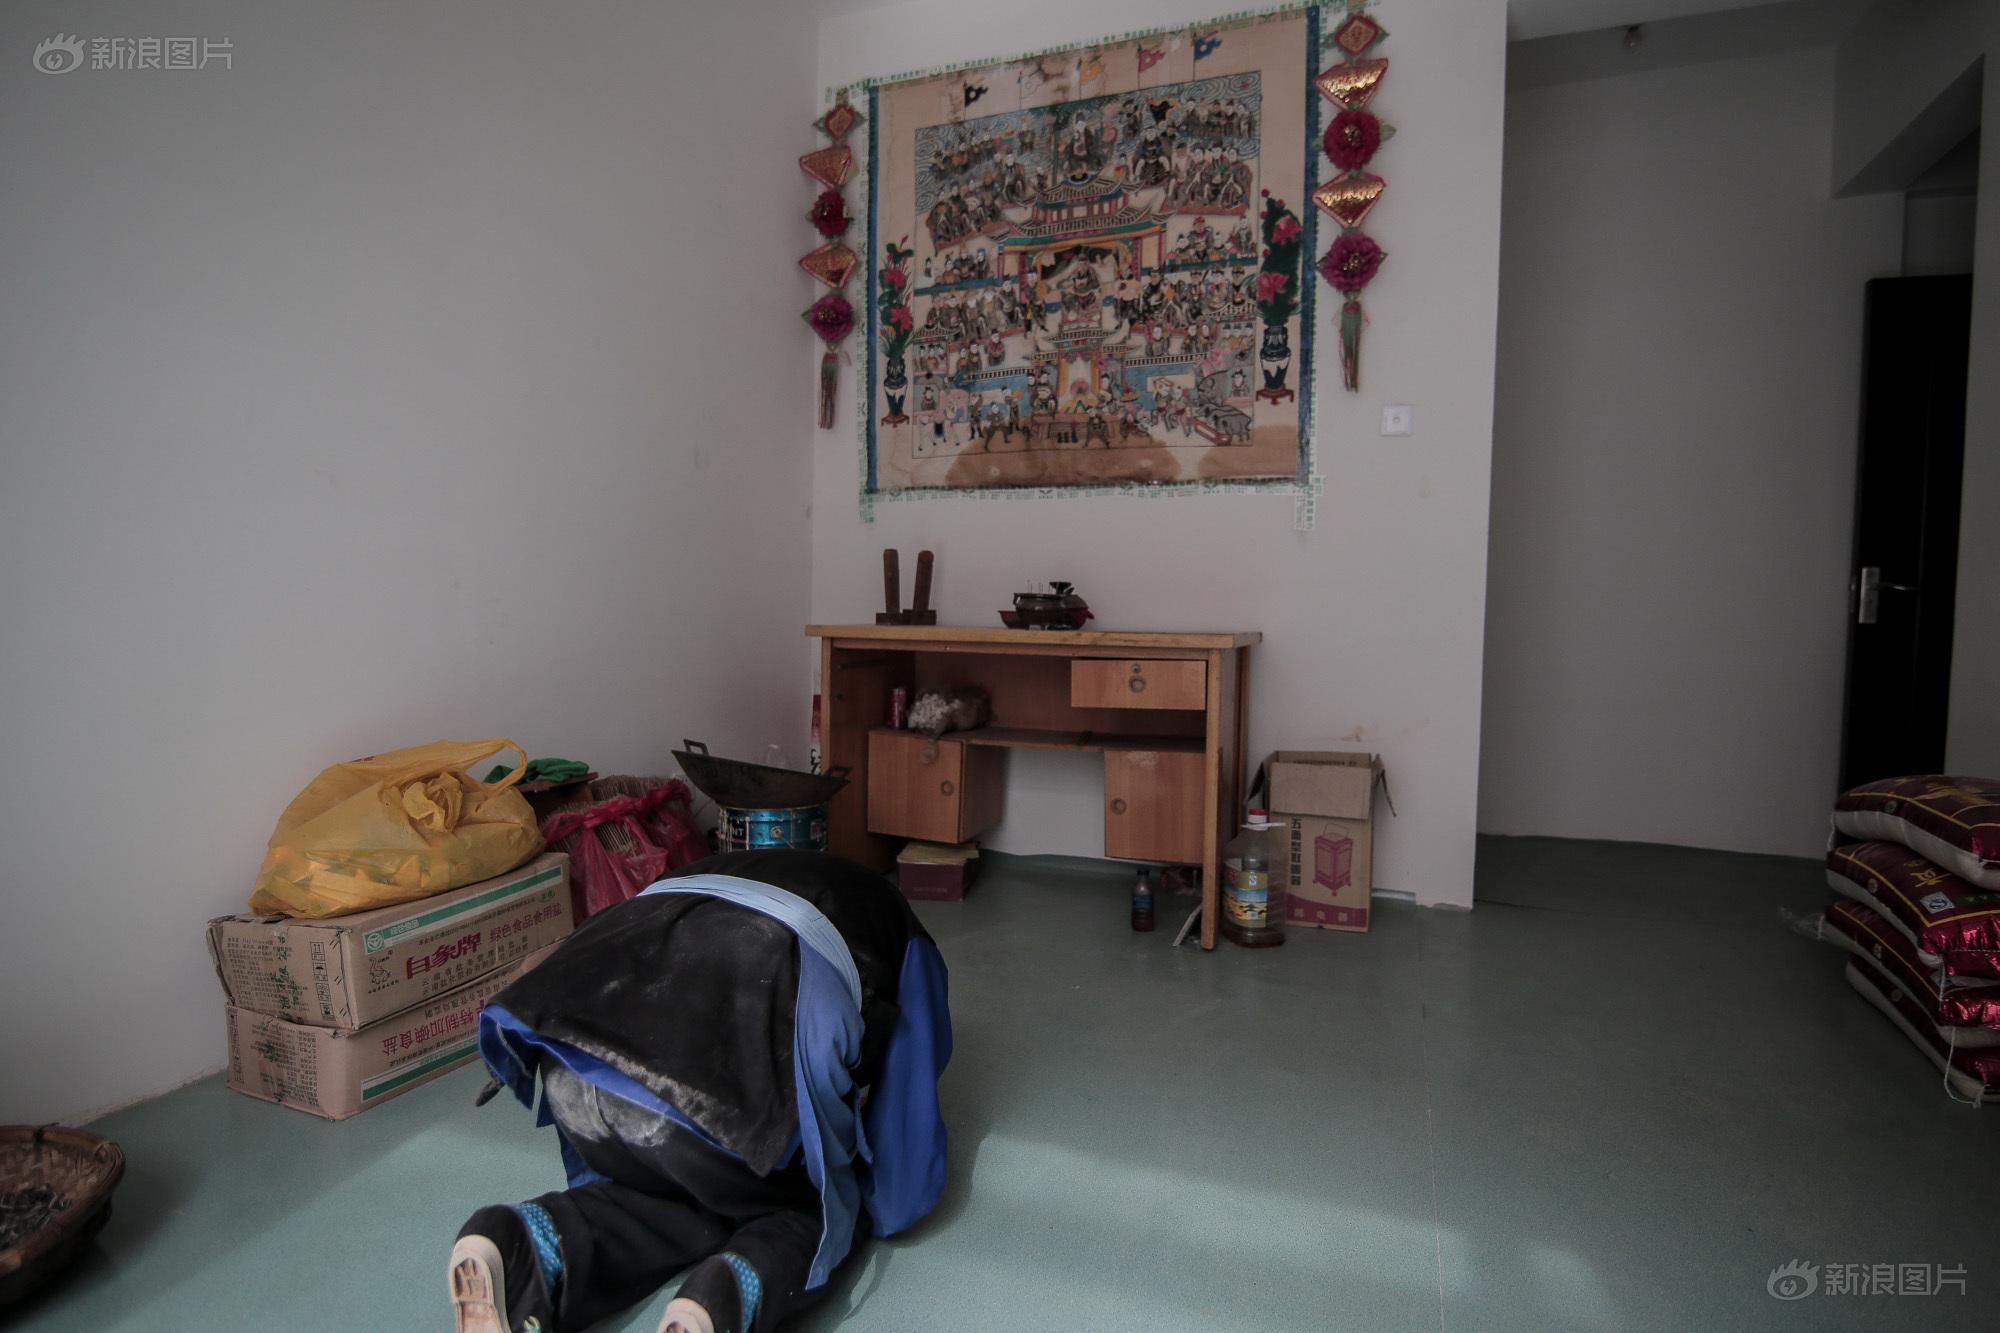 在搬家的时候,冯老太太坚持把传统的农具和拜祭品带到新家。在家里二楼的一个小房间里,挂放着农村老家里供奉的画作,以及祖先们的牌位。每逢初一十五,他们都会拜祭一下,就和以前在农村里的传统一样。